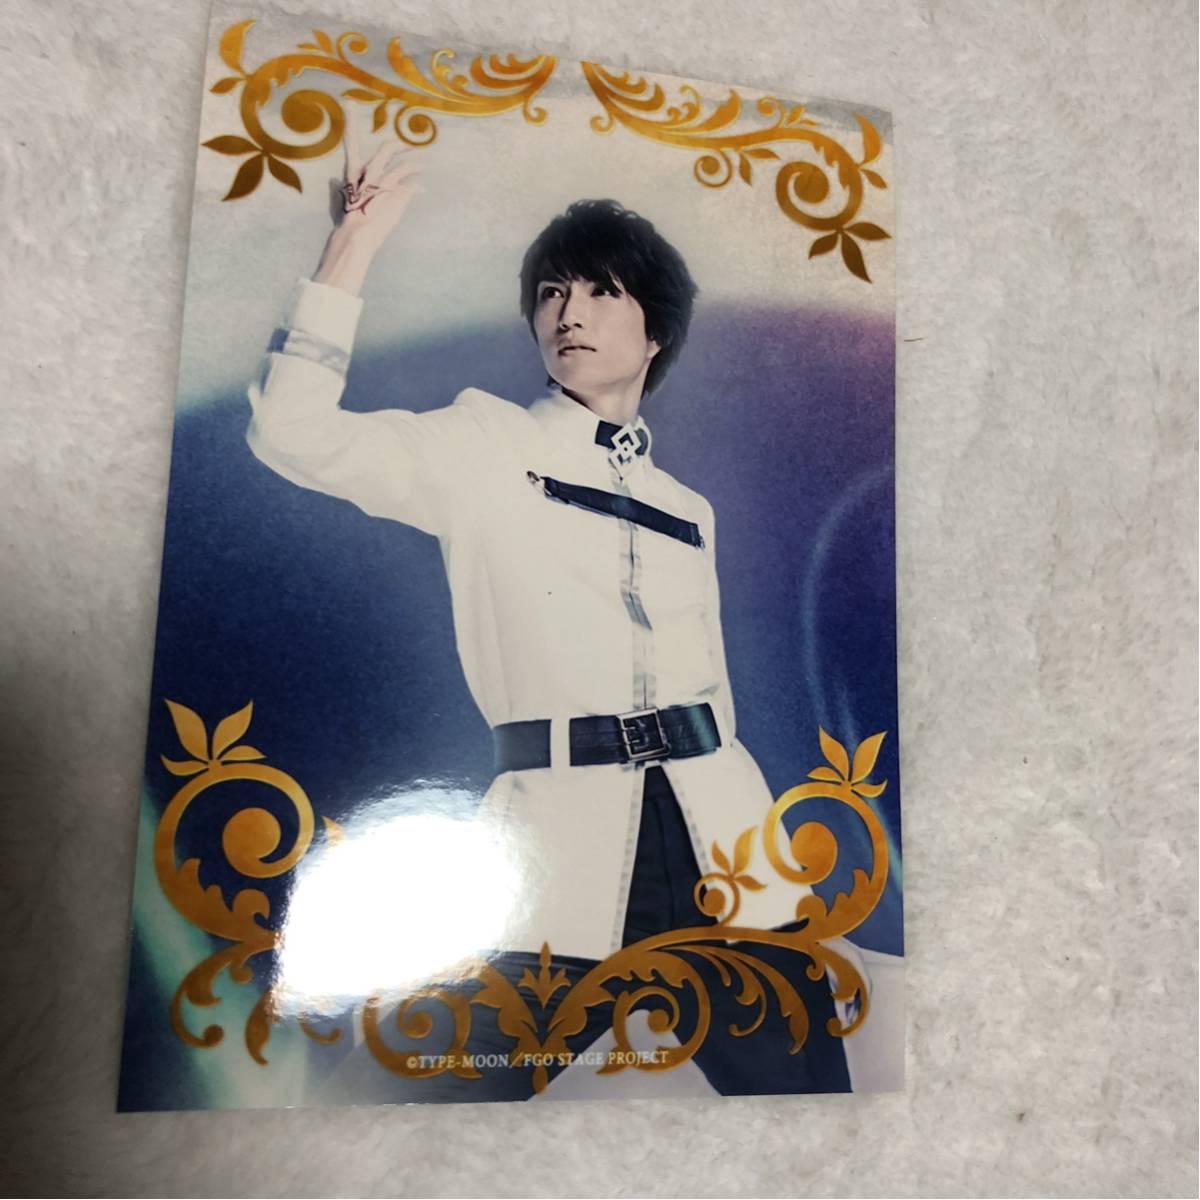 舞台Fate/Grand Orderトレーディングブロマイド 藤丸立花 男主人公 グッズの画像